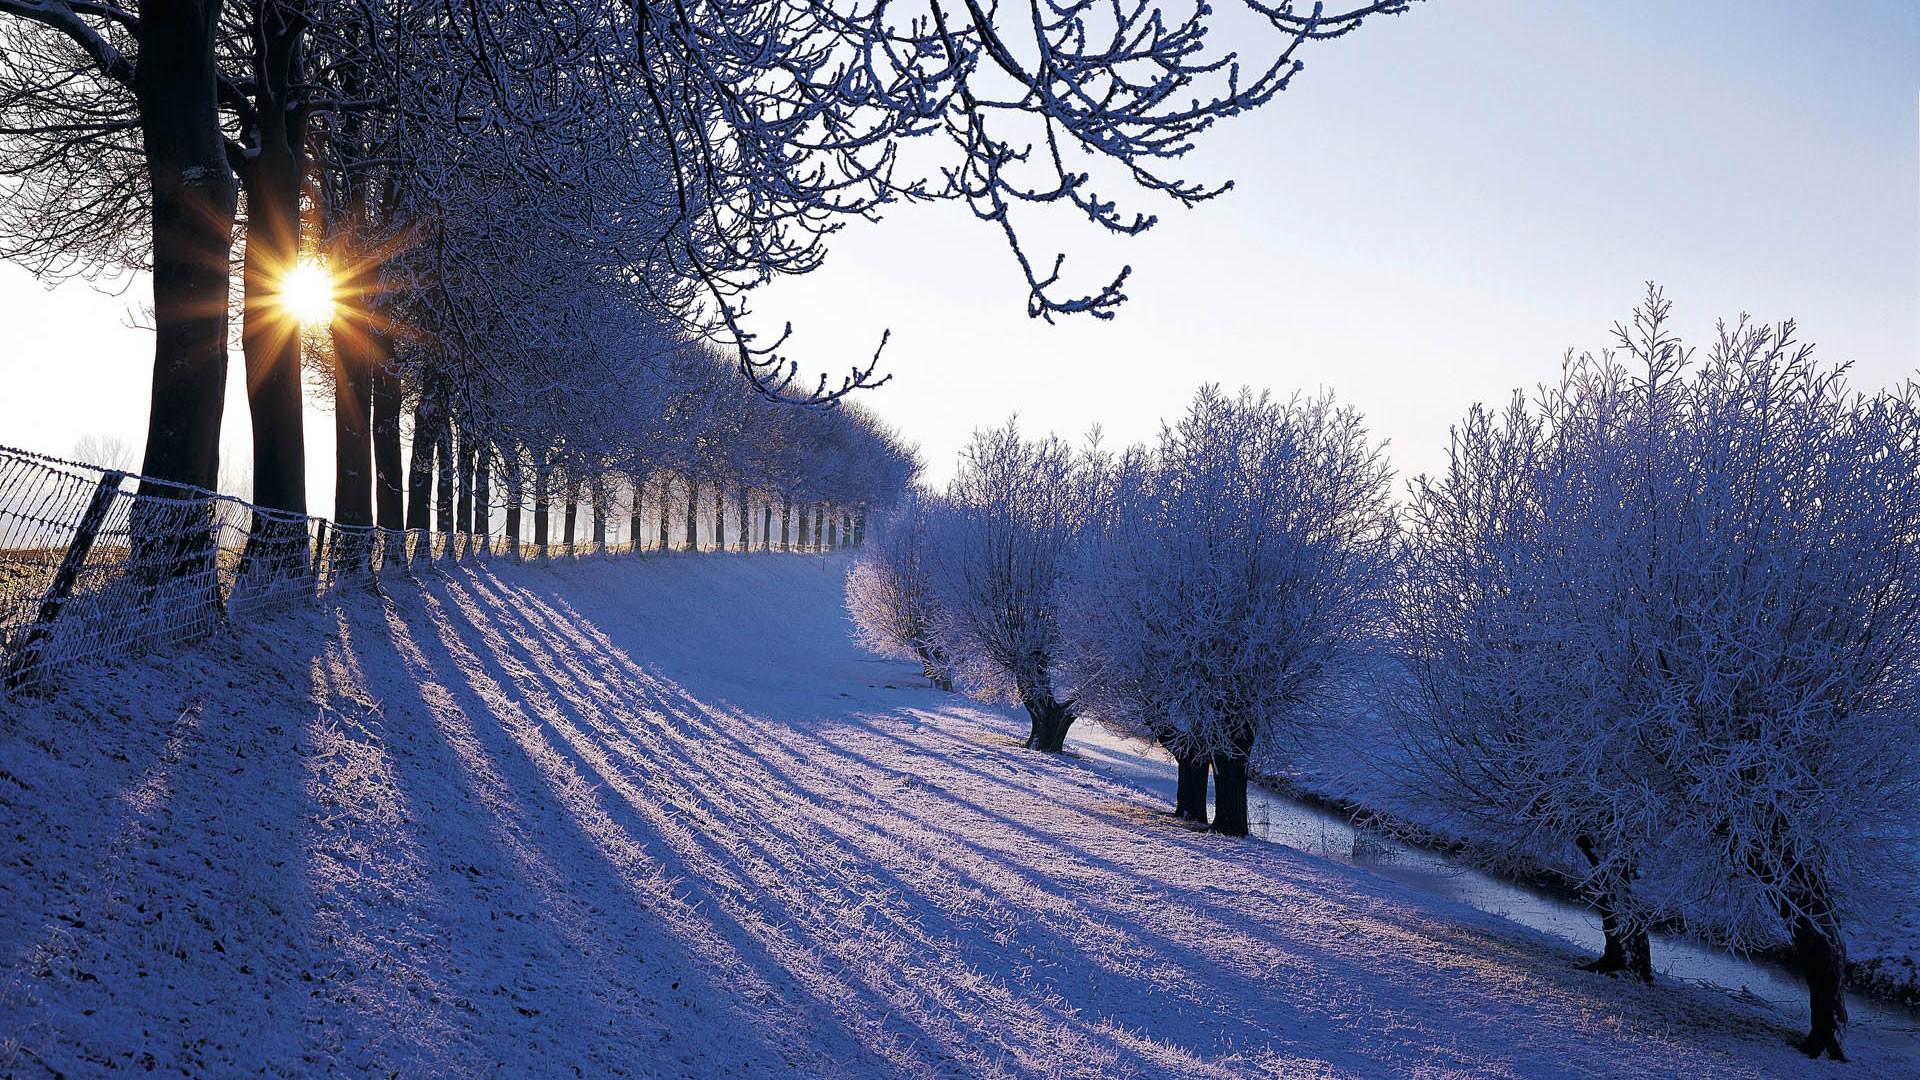 … free winter desktop wallpaper wallpapersafari …